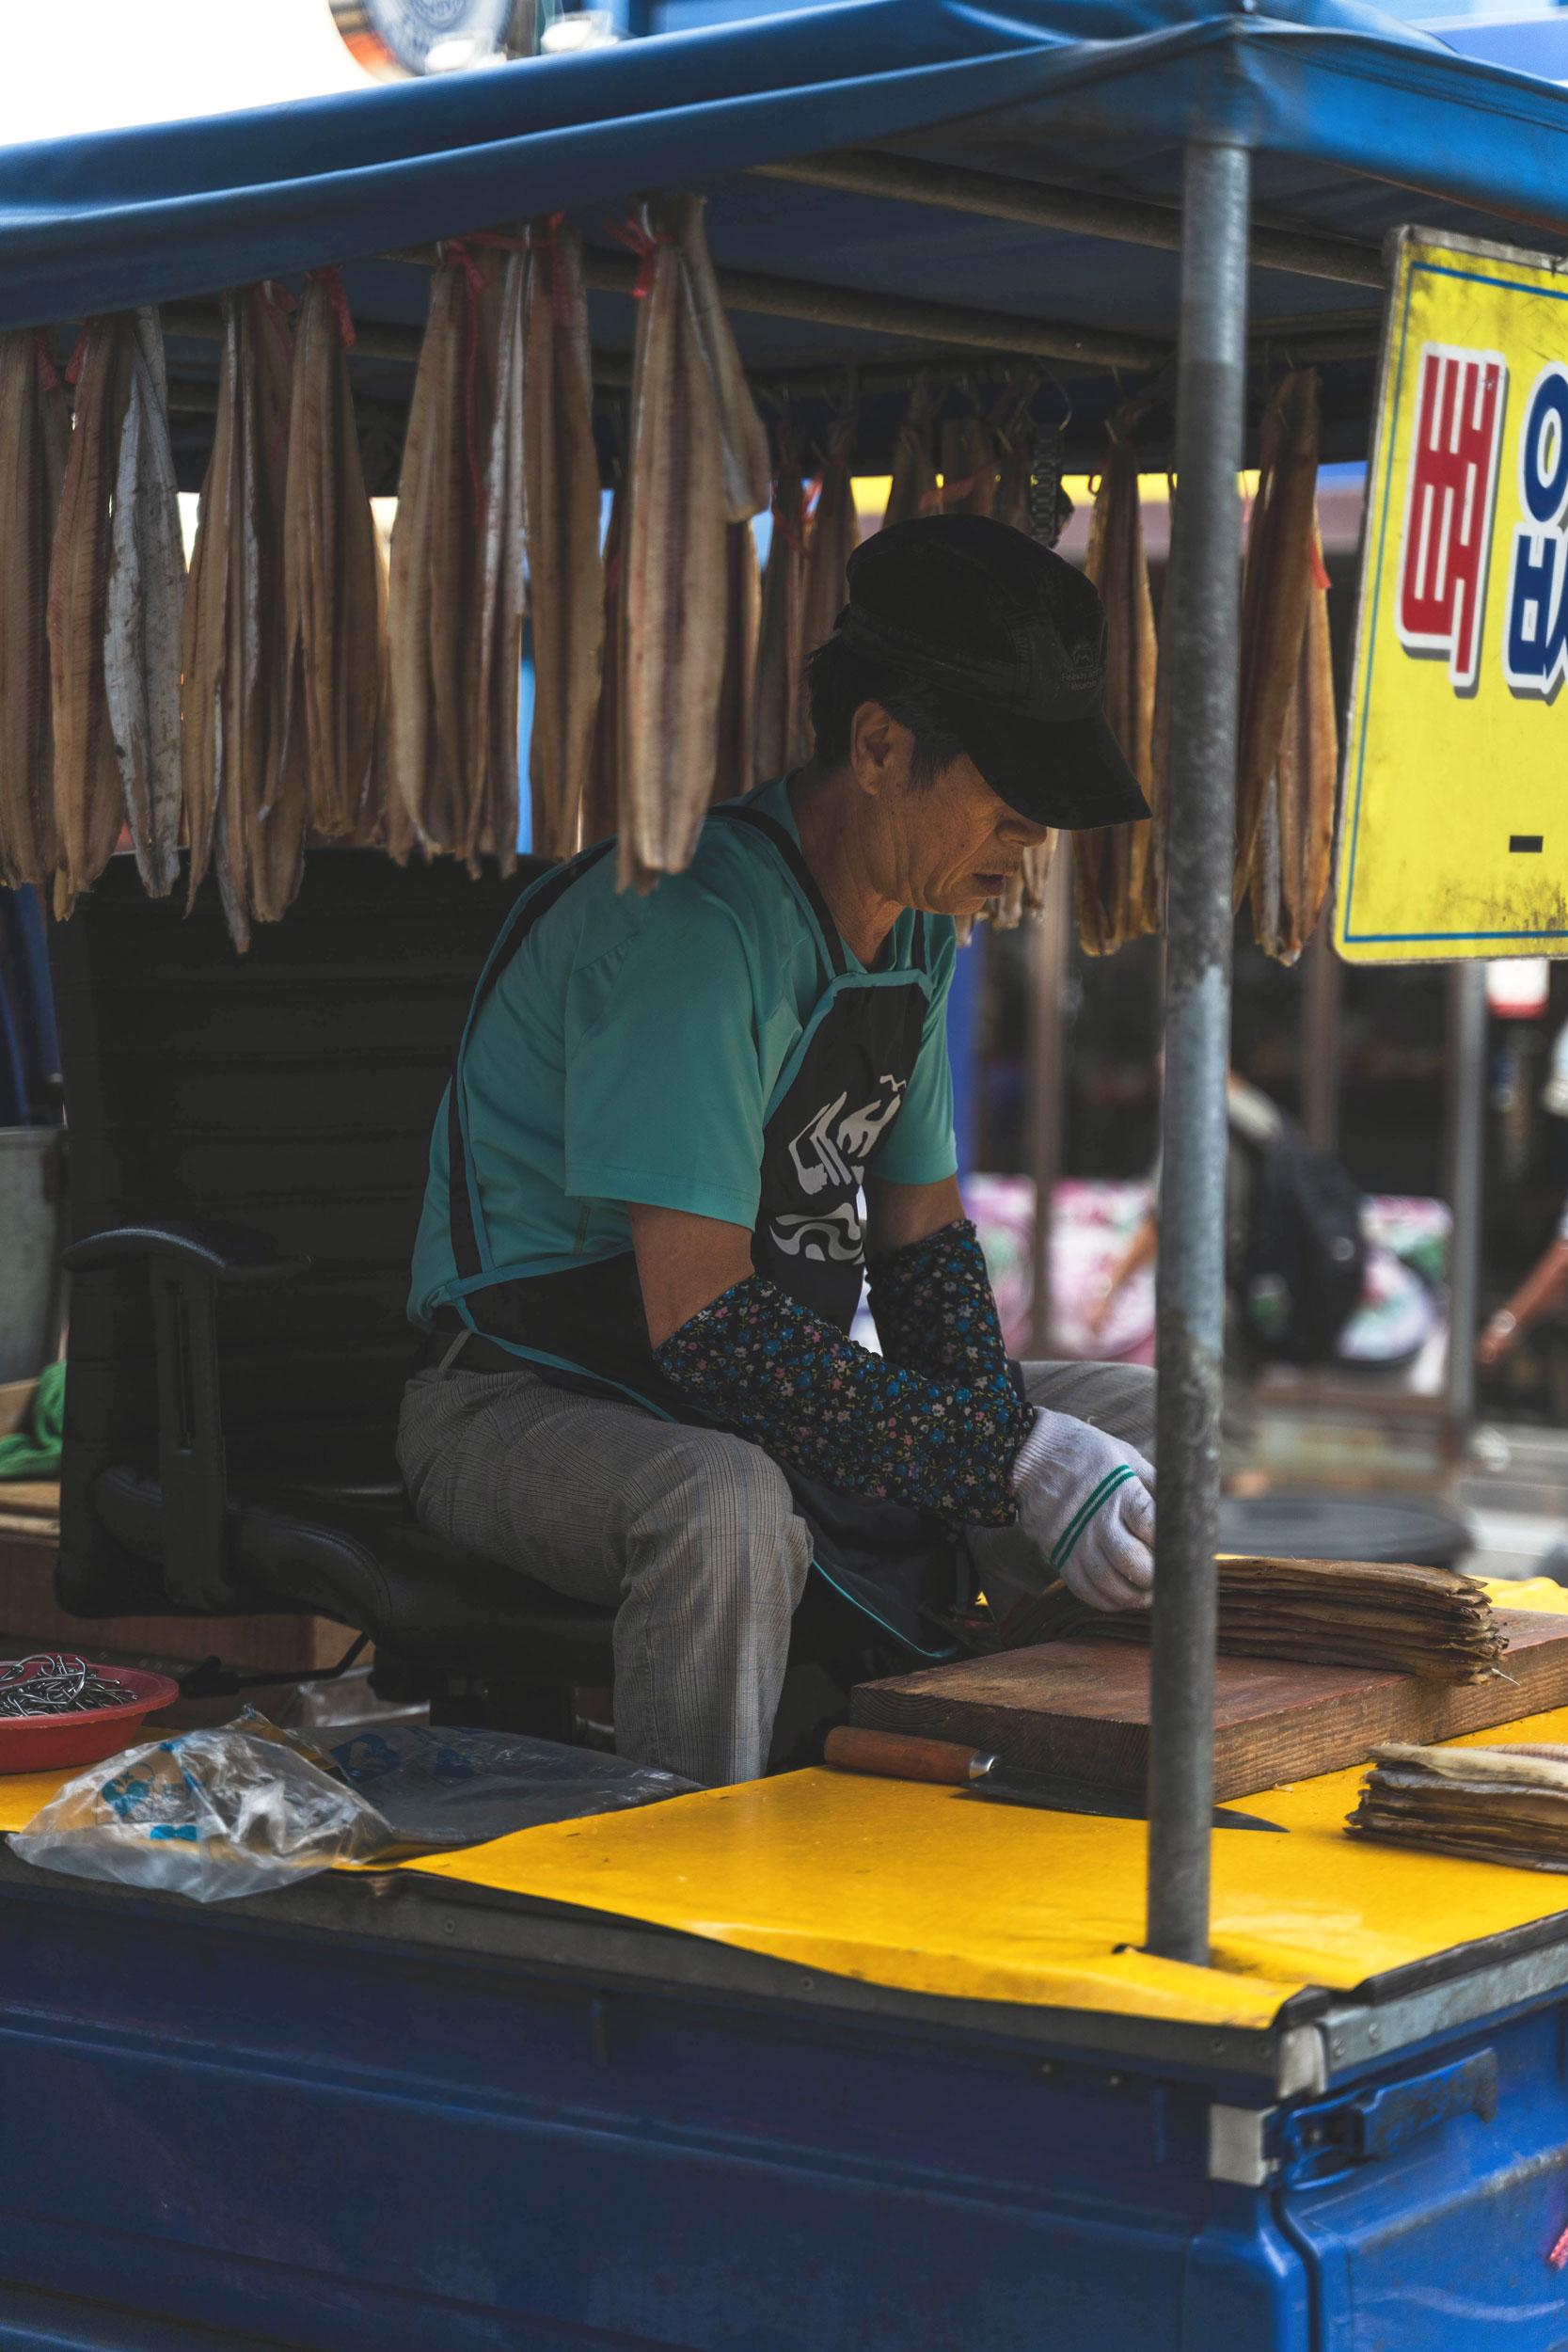 busan-48-jagalchi-market.jpg